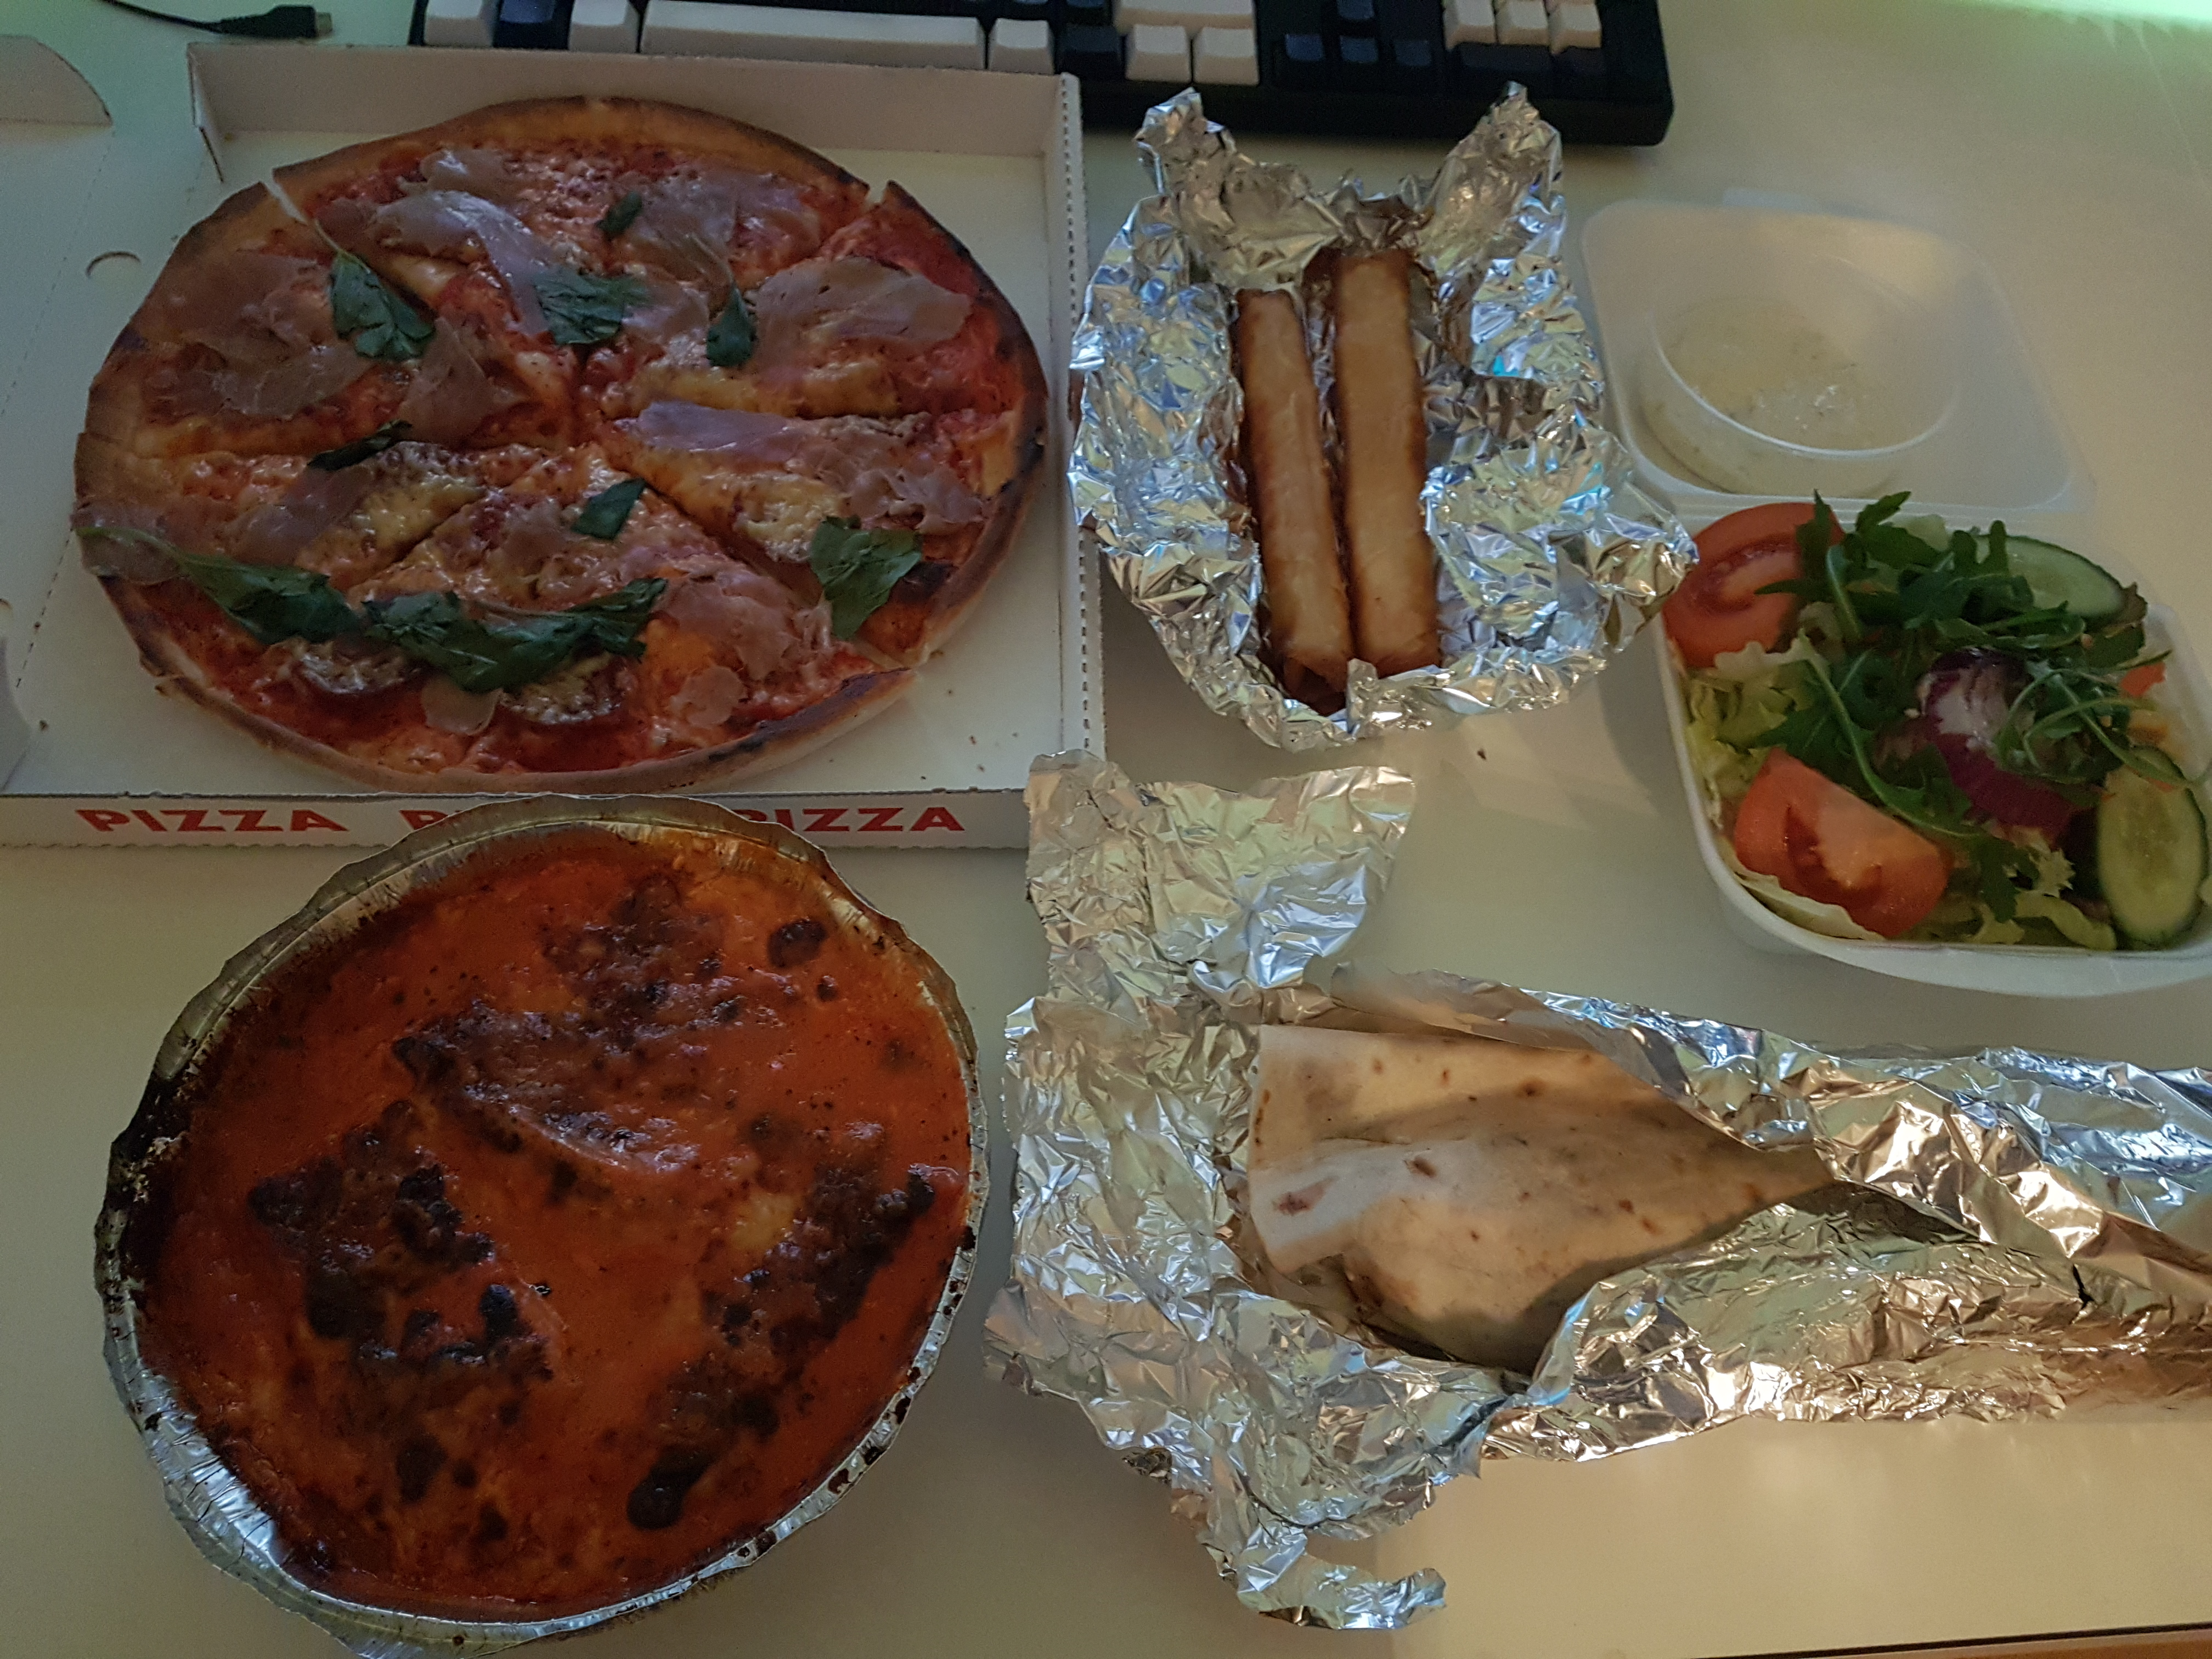 https://foodloader.net/Holz_2020-01-04_Pizzeria_Basilikum.jpg